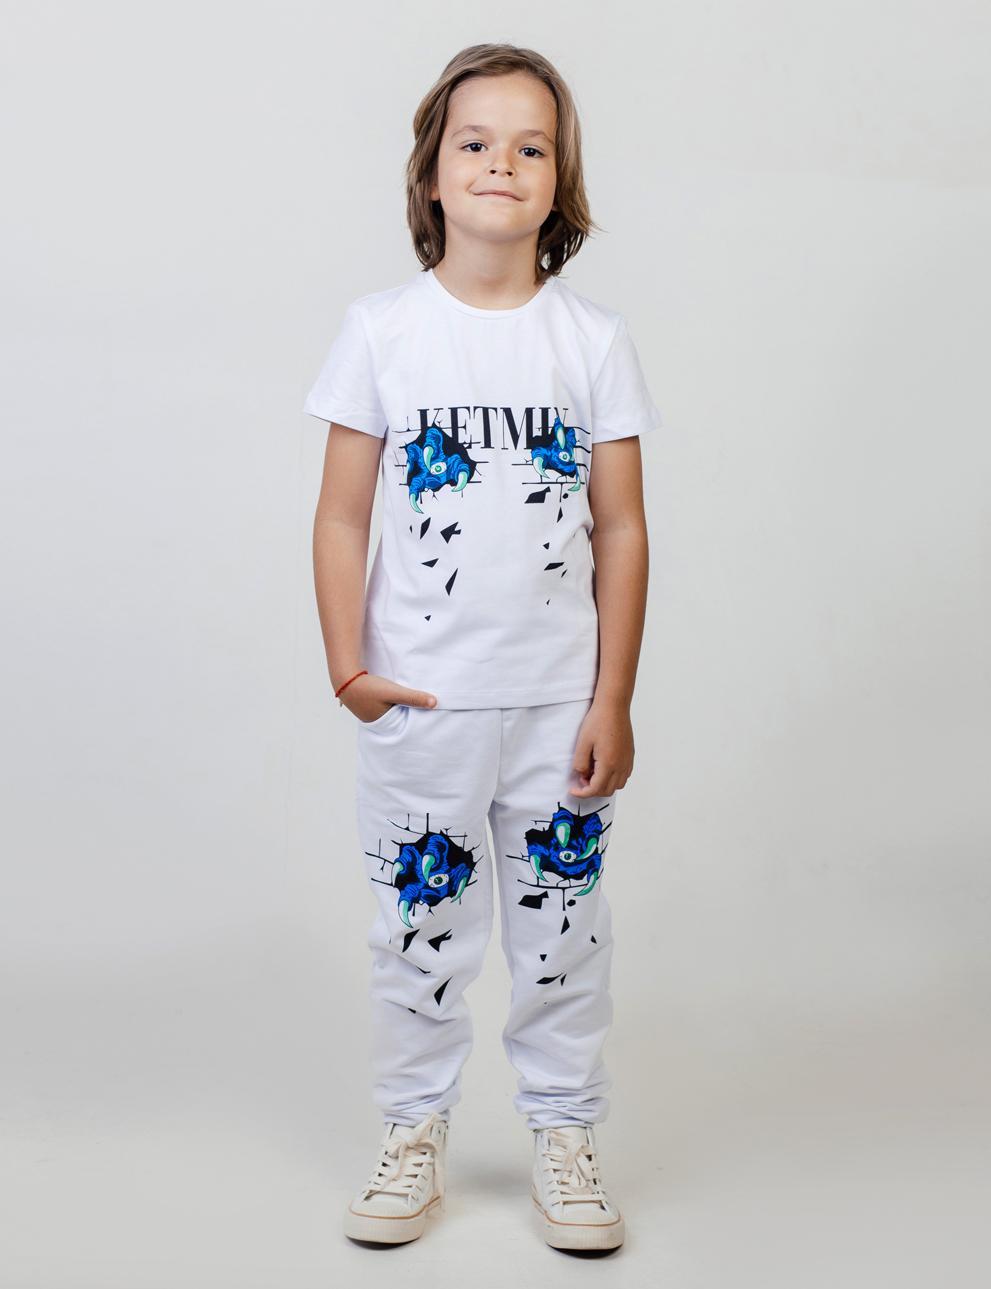 Брюки детские KETMIN Когти цв.Белый